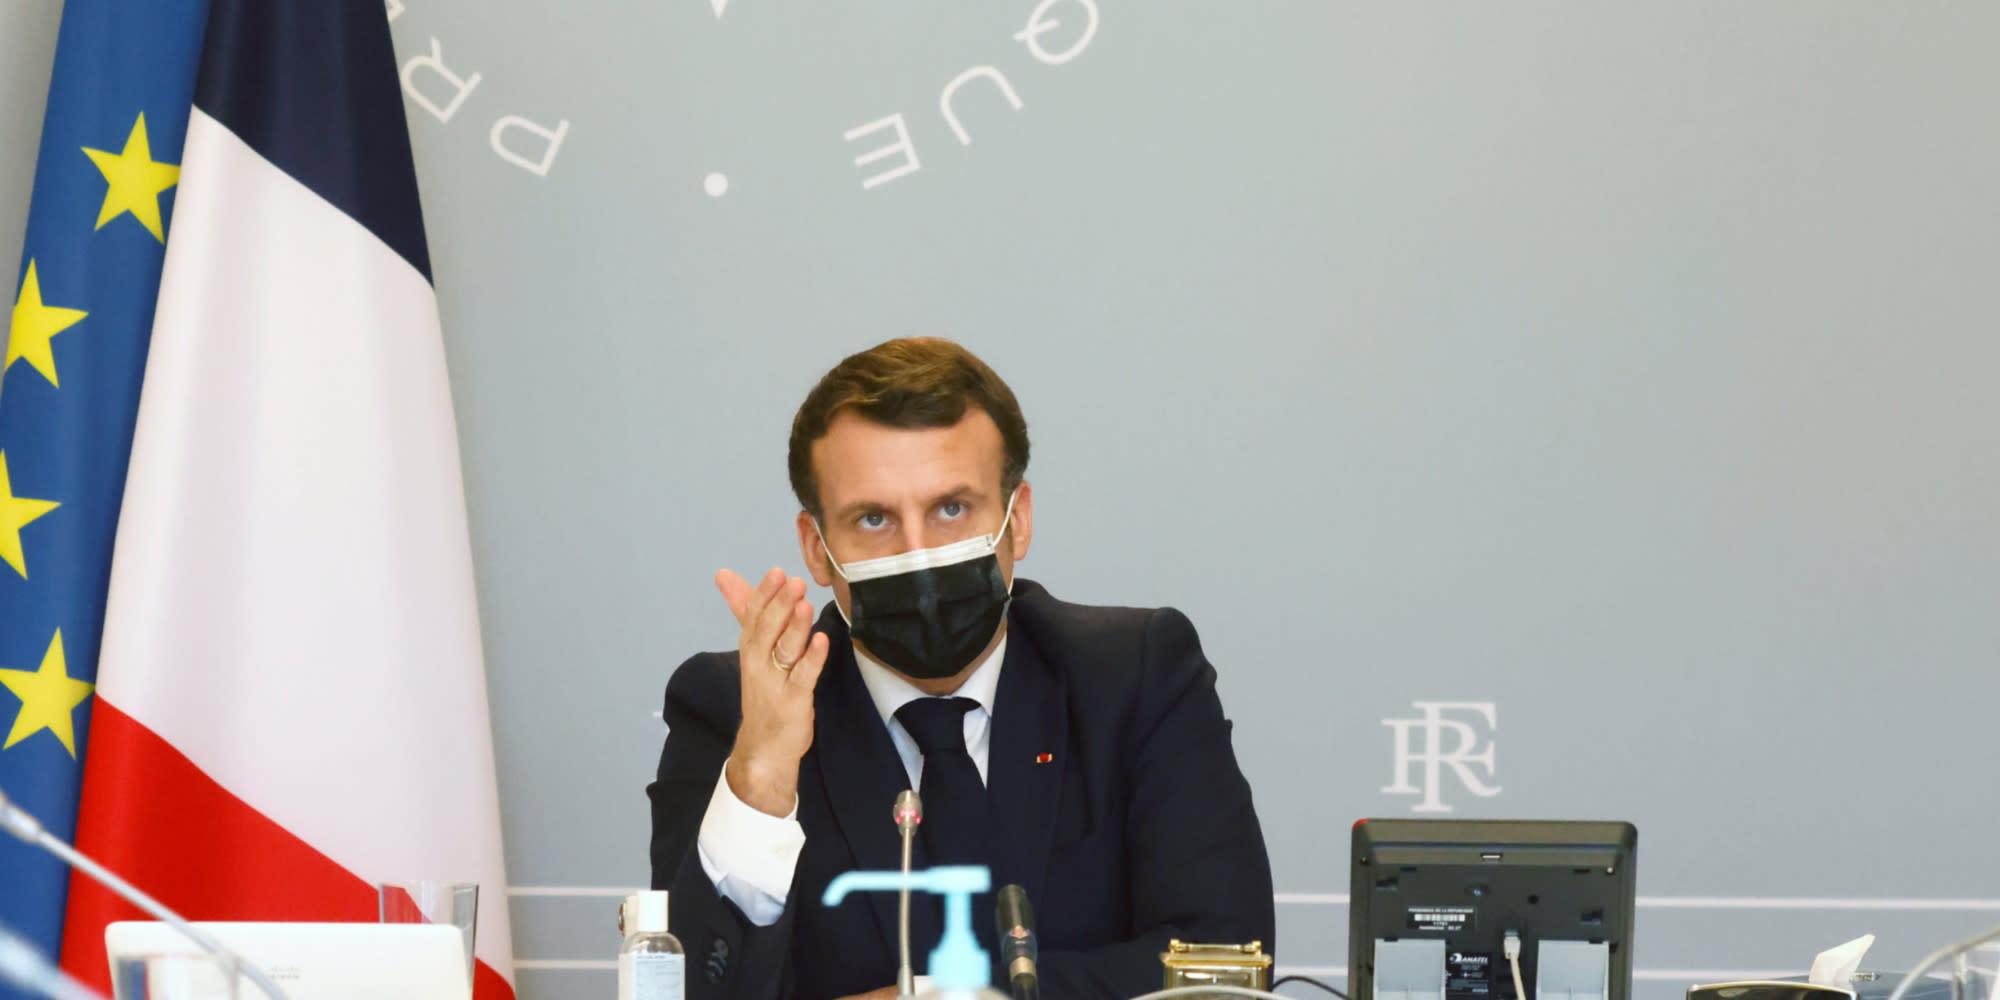 Présidentielle : le front républicain s'effriterait en cas de duel Macron-Le Pen, selon un sondage